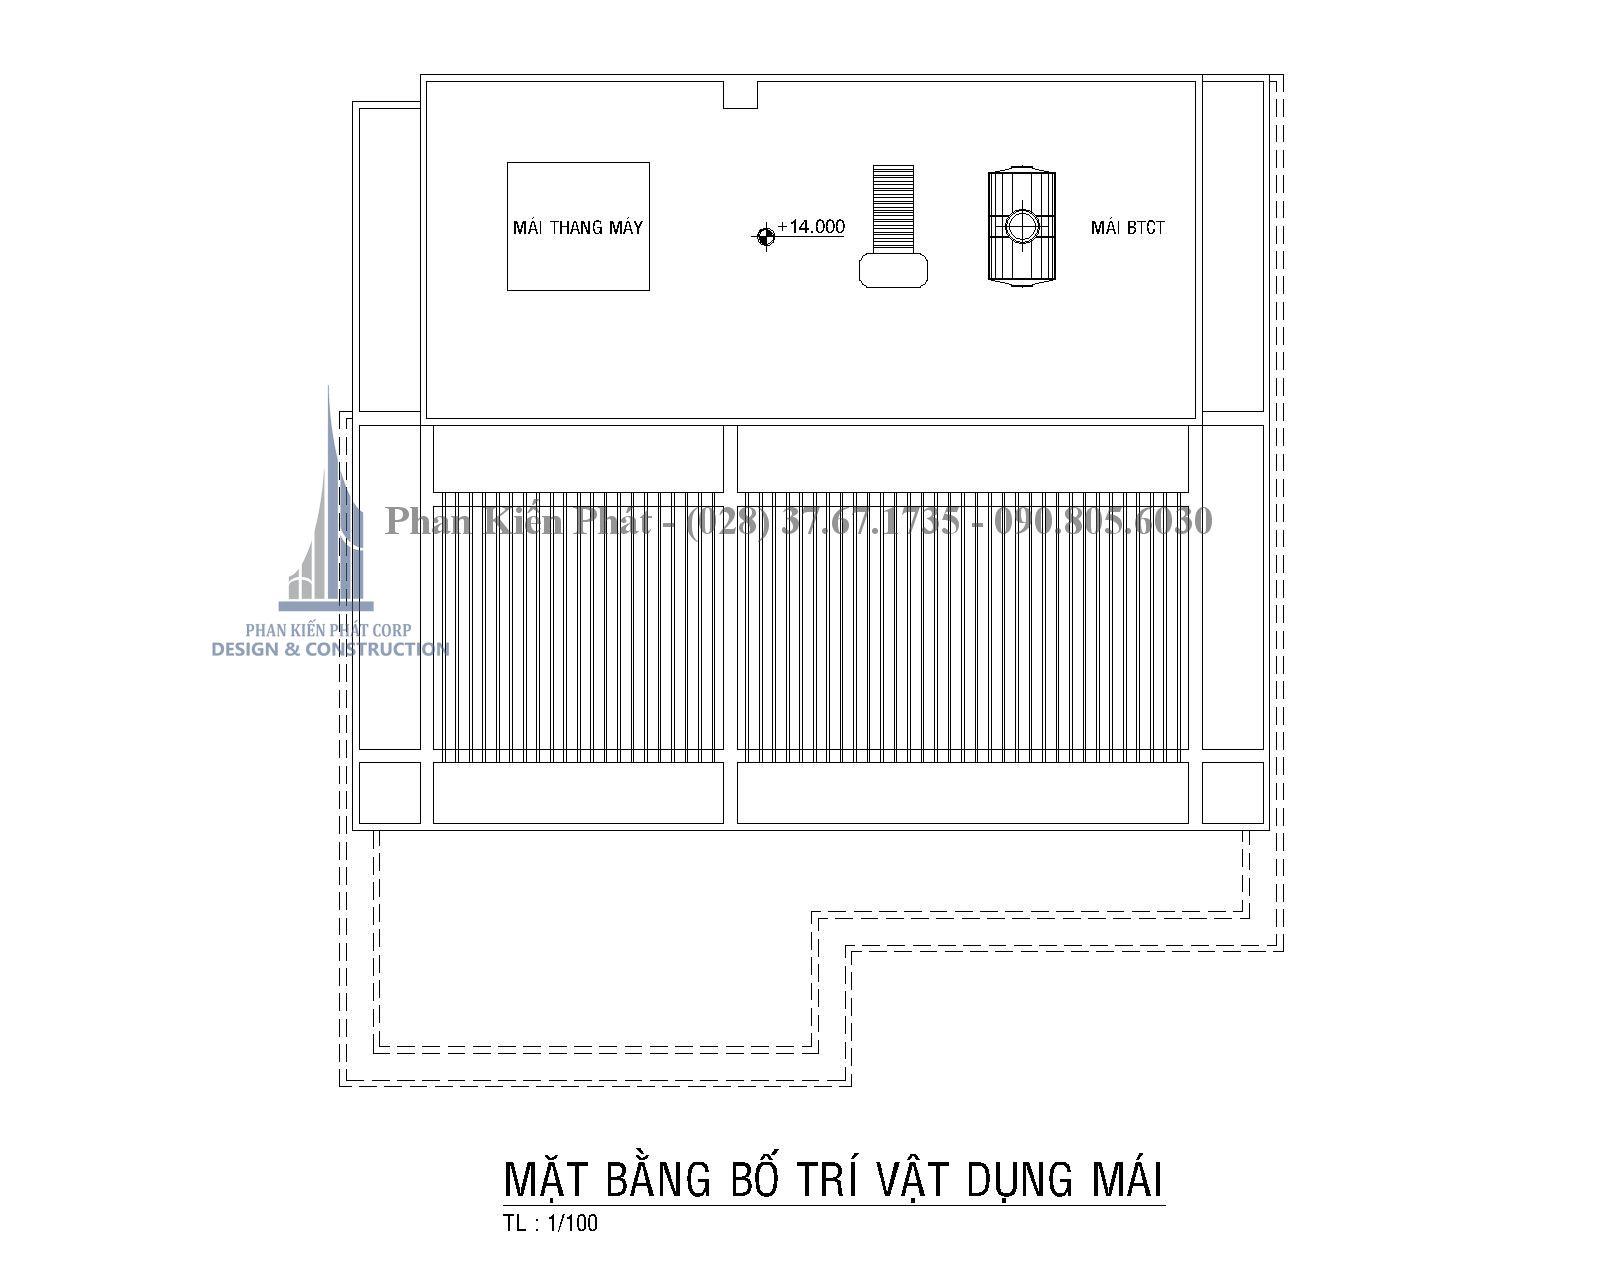 Mat Bang Lau Mai Biet Thu Vuon Co Ho Boi